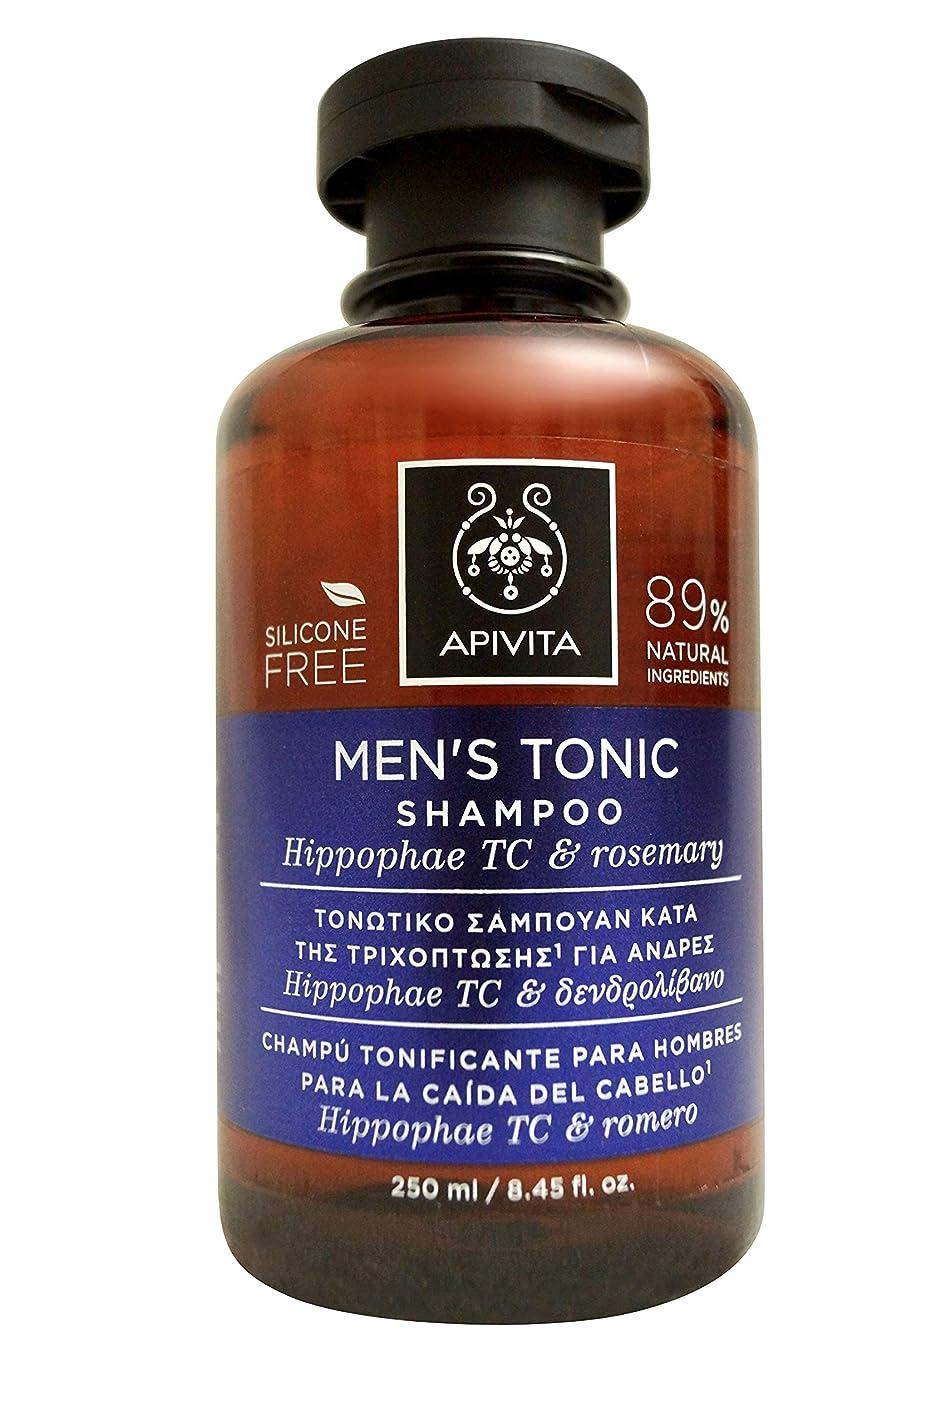 挨拶証書故意のアピヴィータ Men's Tonic Shampoo with Hippophae TC & Rosemary (For Thinning Hair) 250ml [並行輸入品]